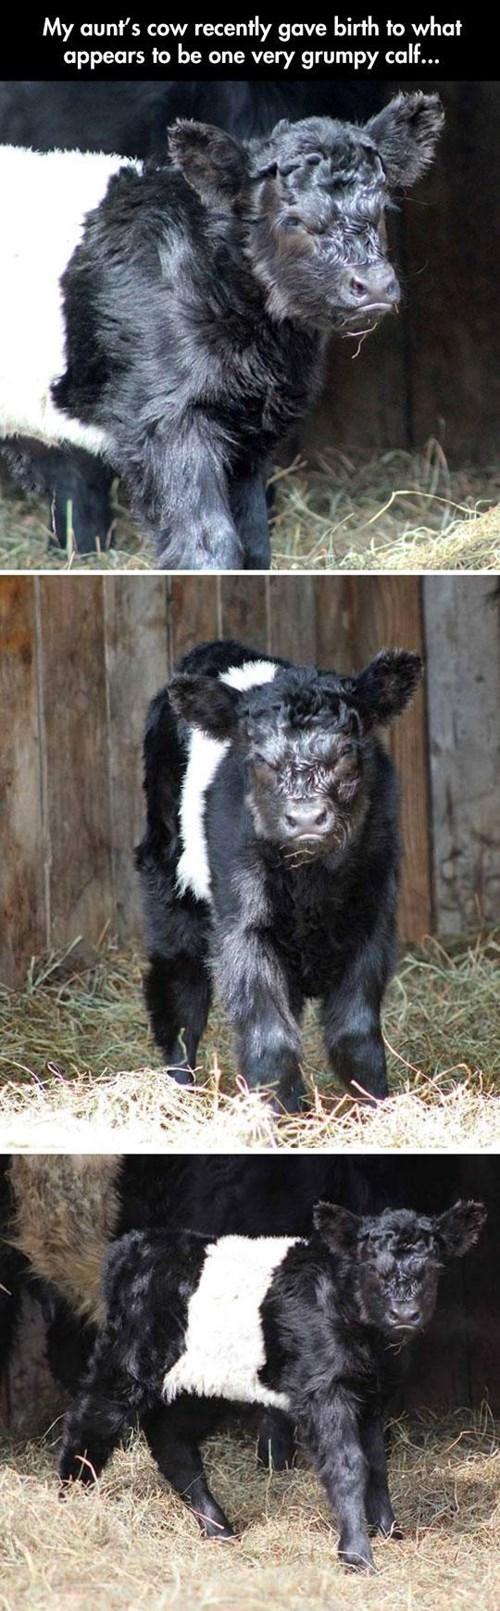 calf cute grumpy newborn funny - 8162617344